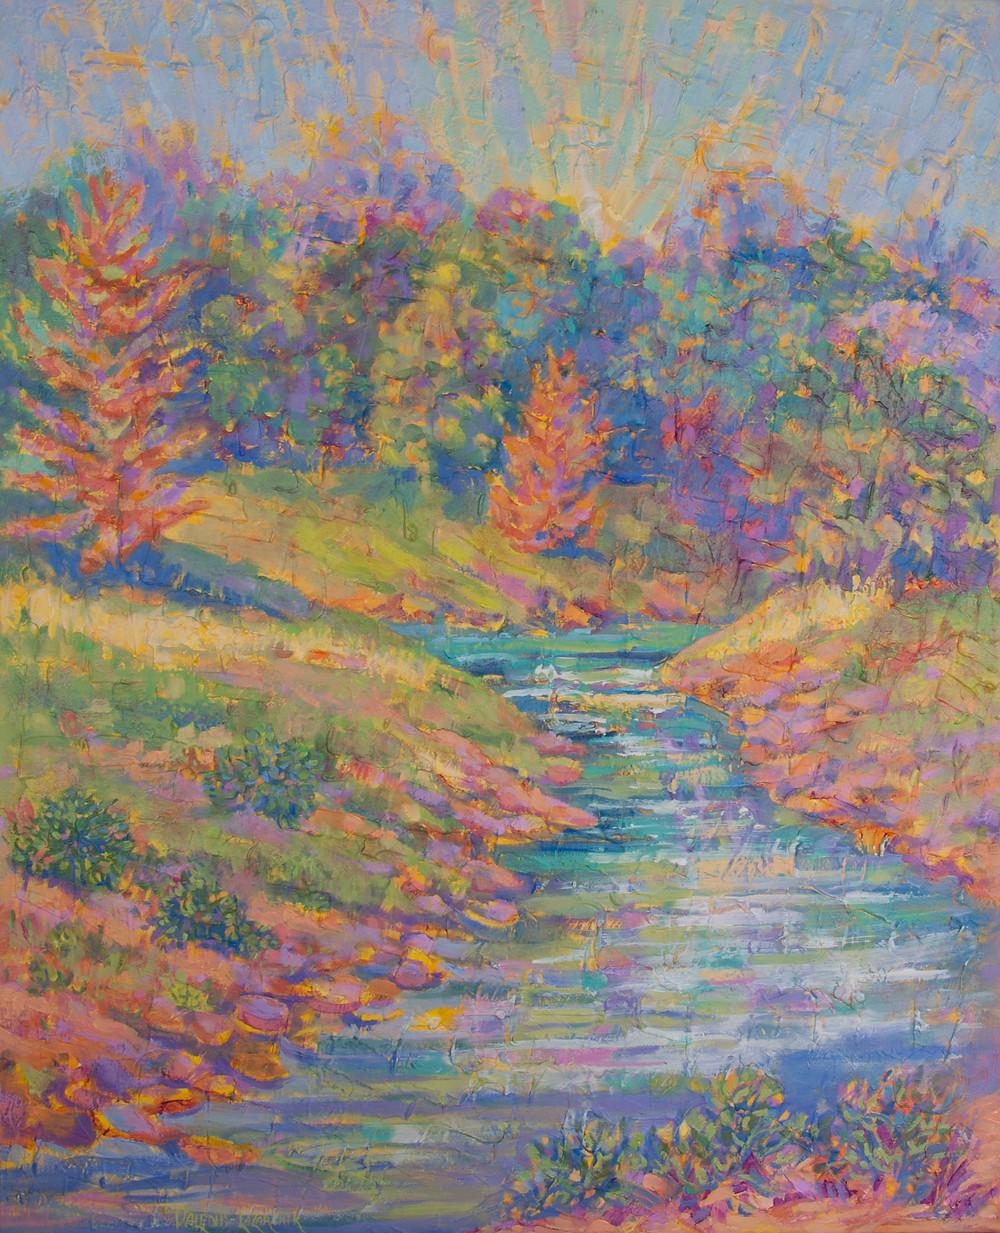 sunlit landscape painting